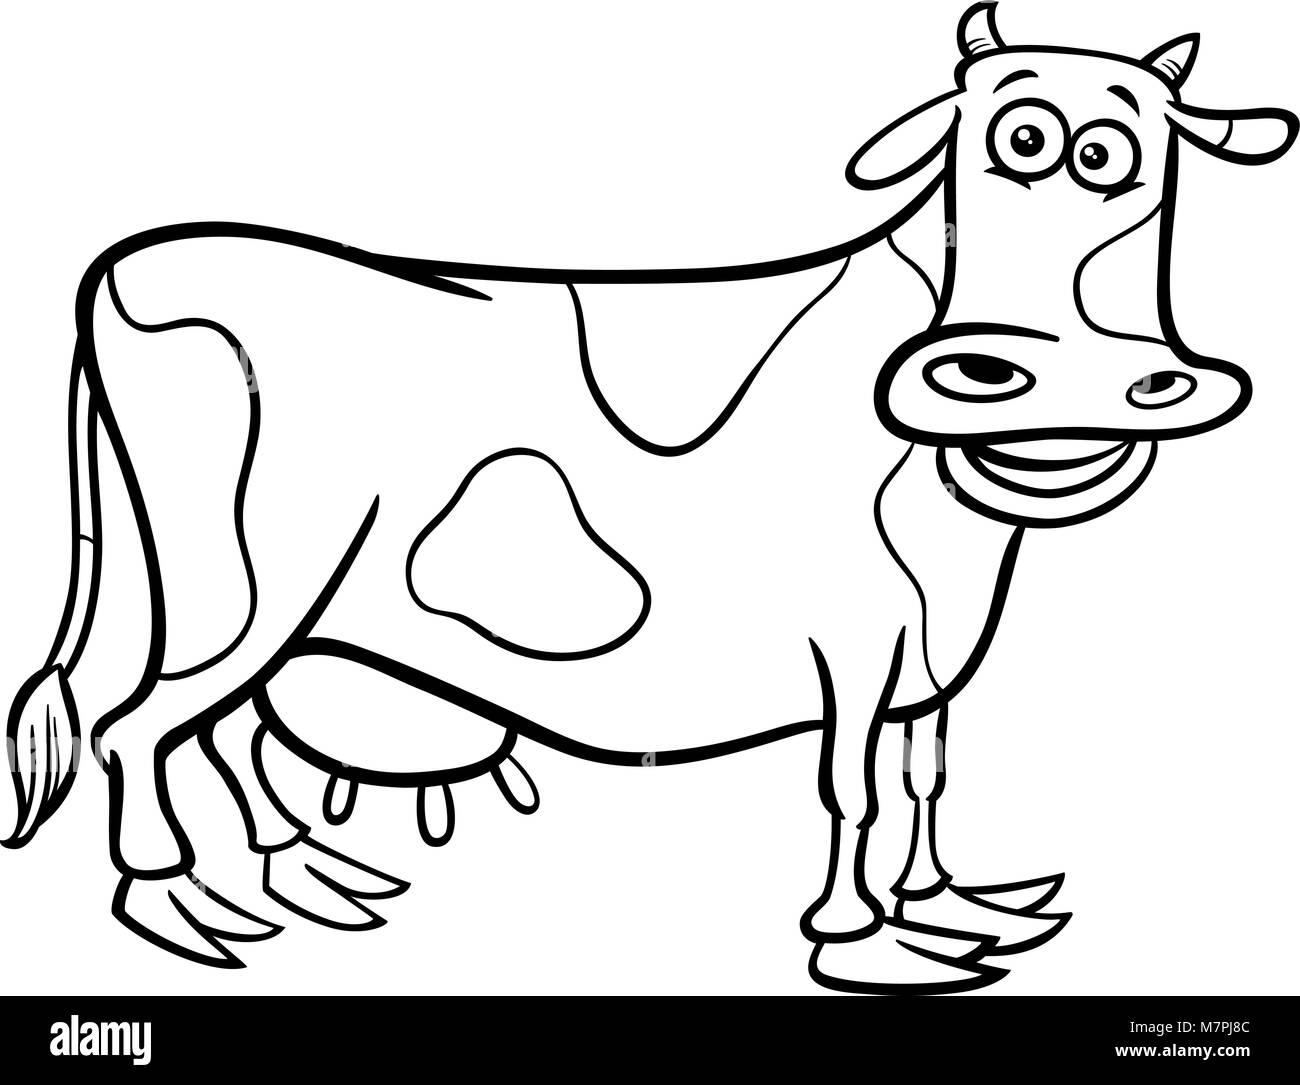 Ausmalbilder Tiere Bauernhof : Beste Kuh Malbuch Bilder Malvorlagen Ideen Decentexposure Info